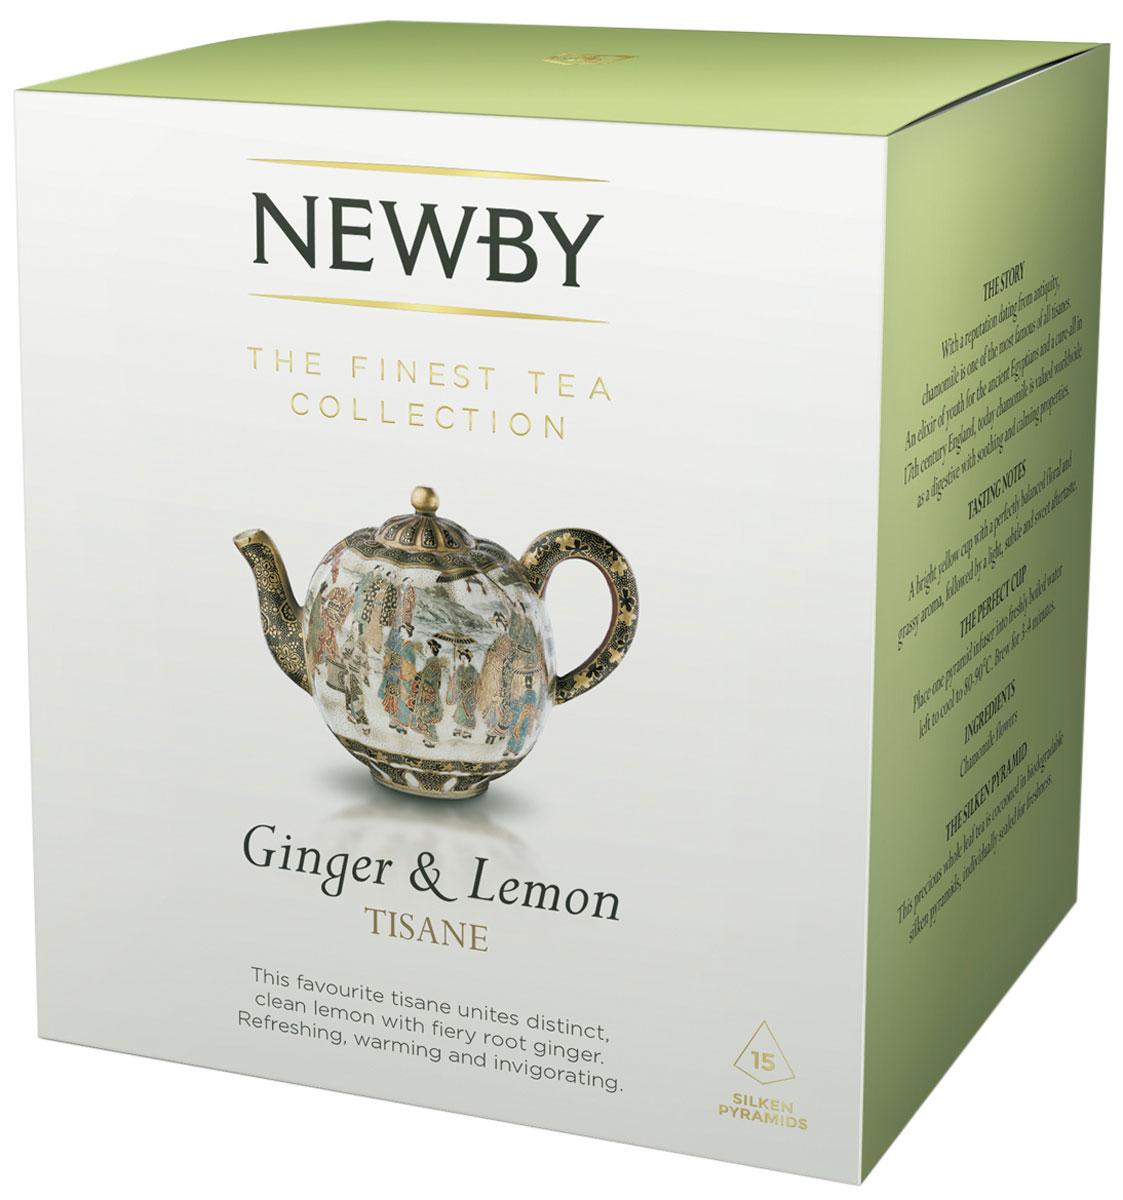 Newby Ginger & Lemon травяной чай в пирамидках, 15 шт4680016271364Чай Newby Ginger & Lemon - это имбирь, душистый лемонграсс в сочетании с цедрой лимона. Каждая пирамидка упакована в индивидуальное саше из алюминиевой фольги для сохранения свежести ингредиентов.